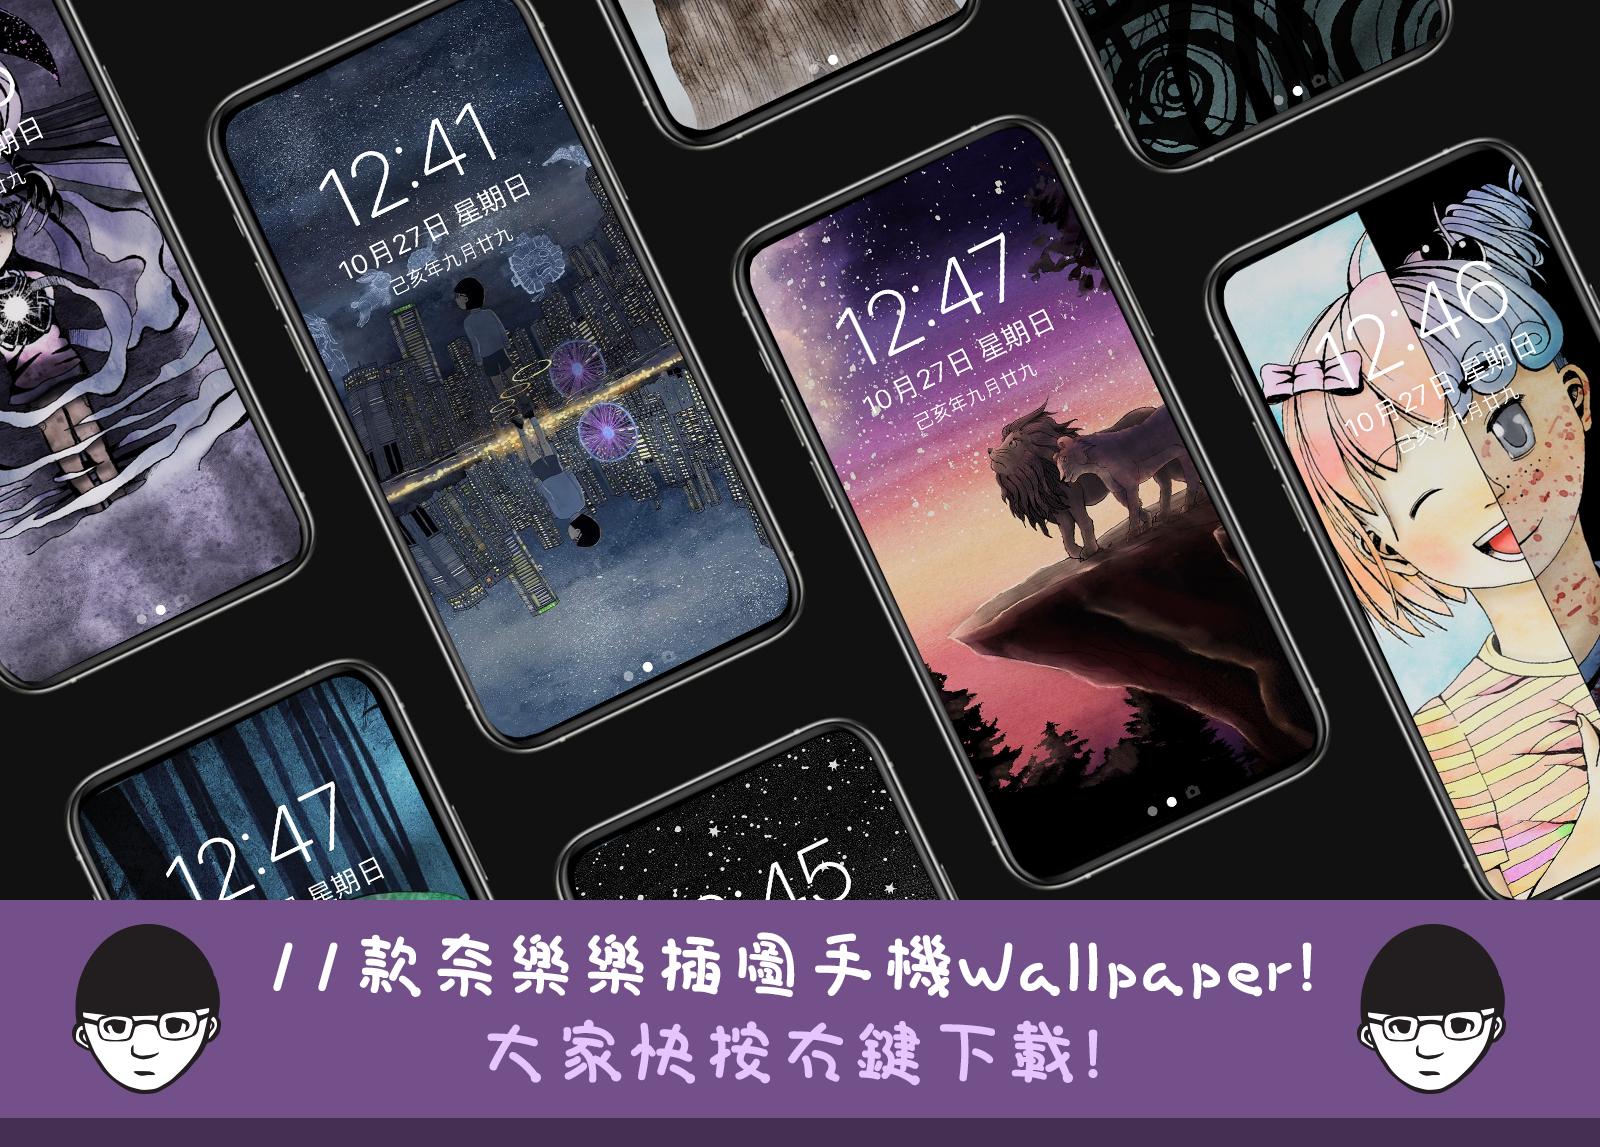 iPhone-11-Pro-Promo-Image3